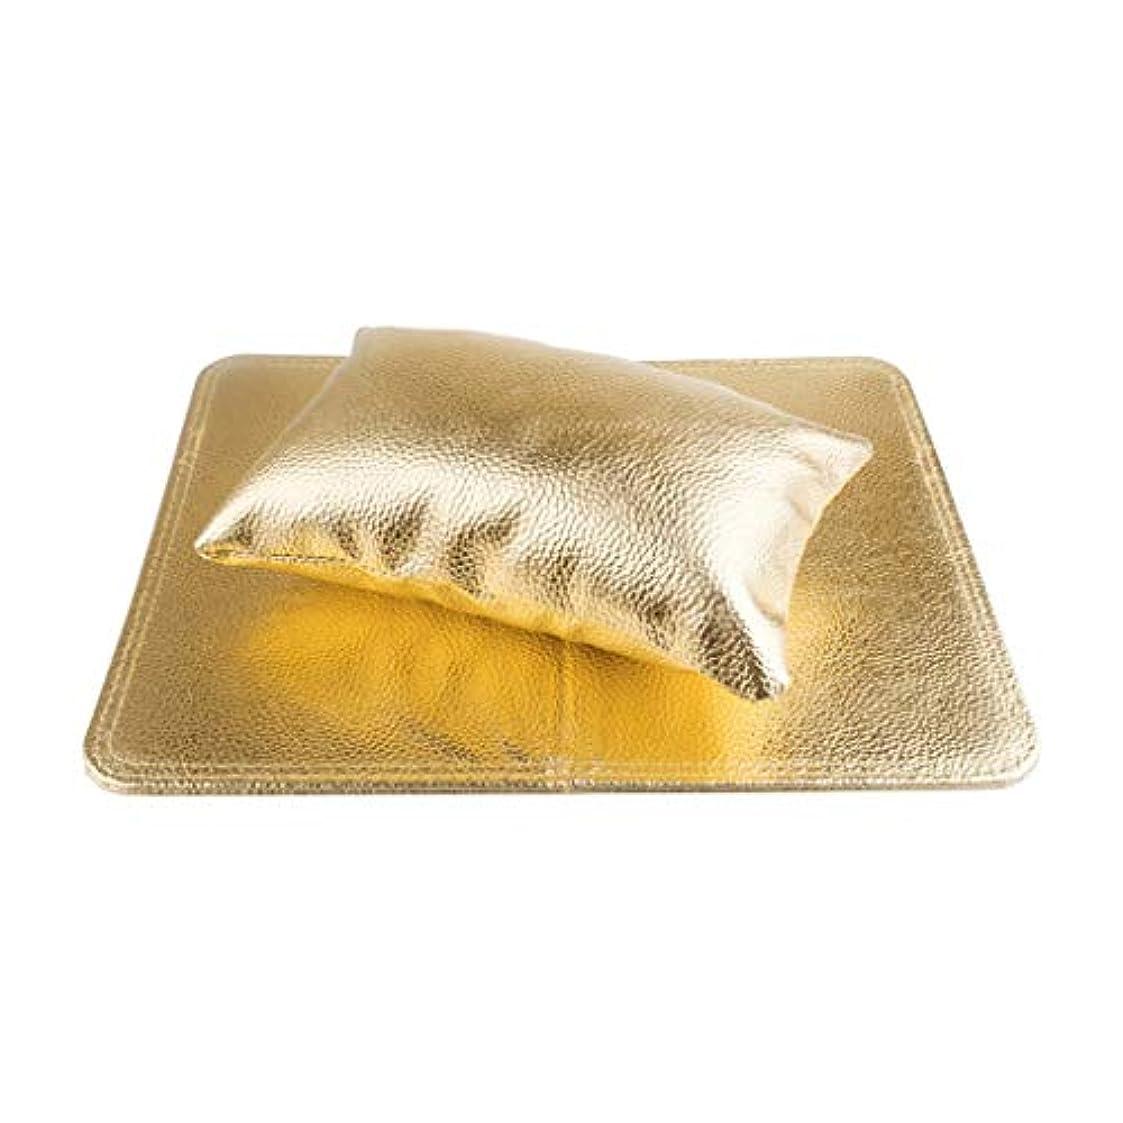 地区招待雄弁Lazayyii ネイルセットハンドピローリストピロースポンジレザー折りたたみハンドピローパッド (ゴールド)